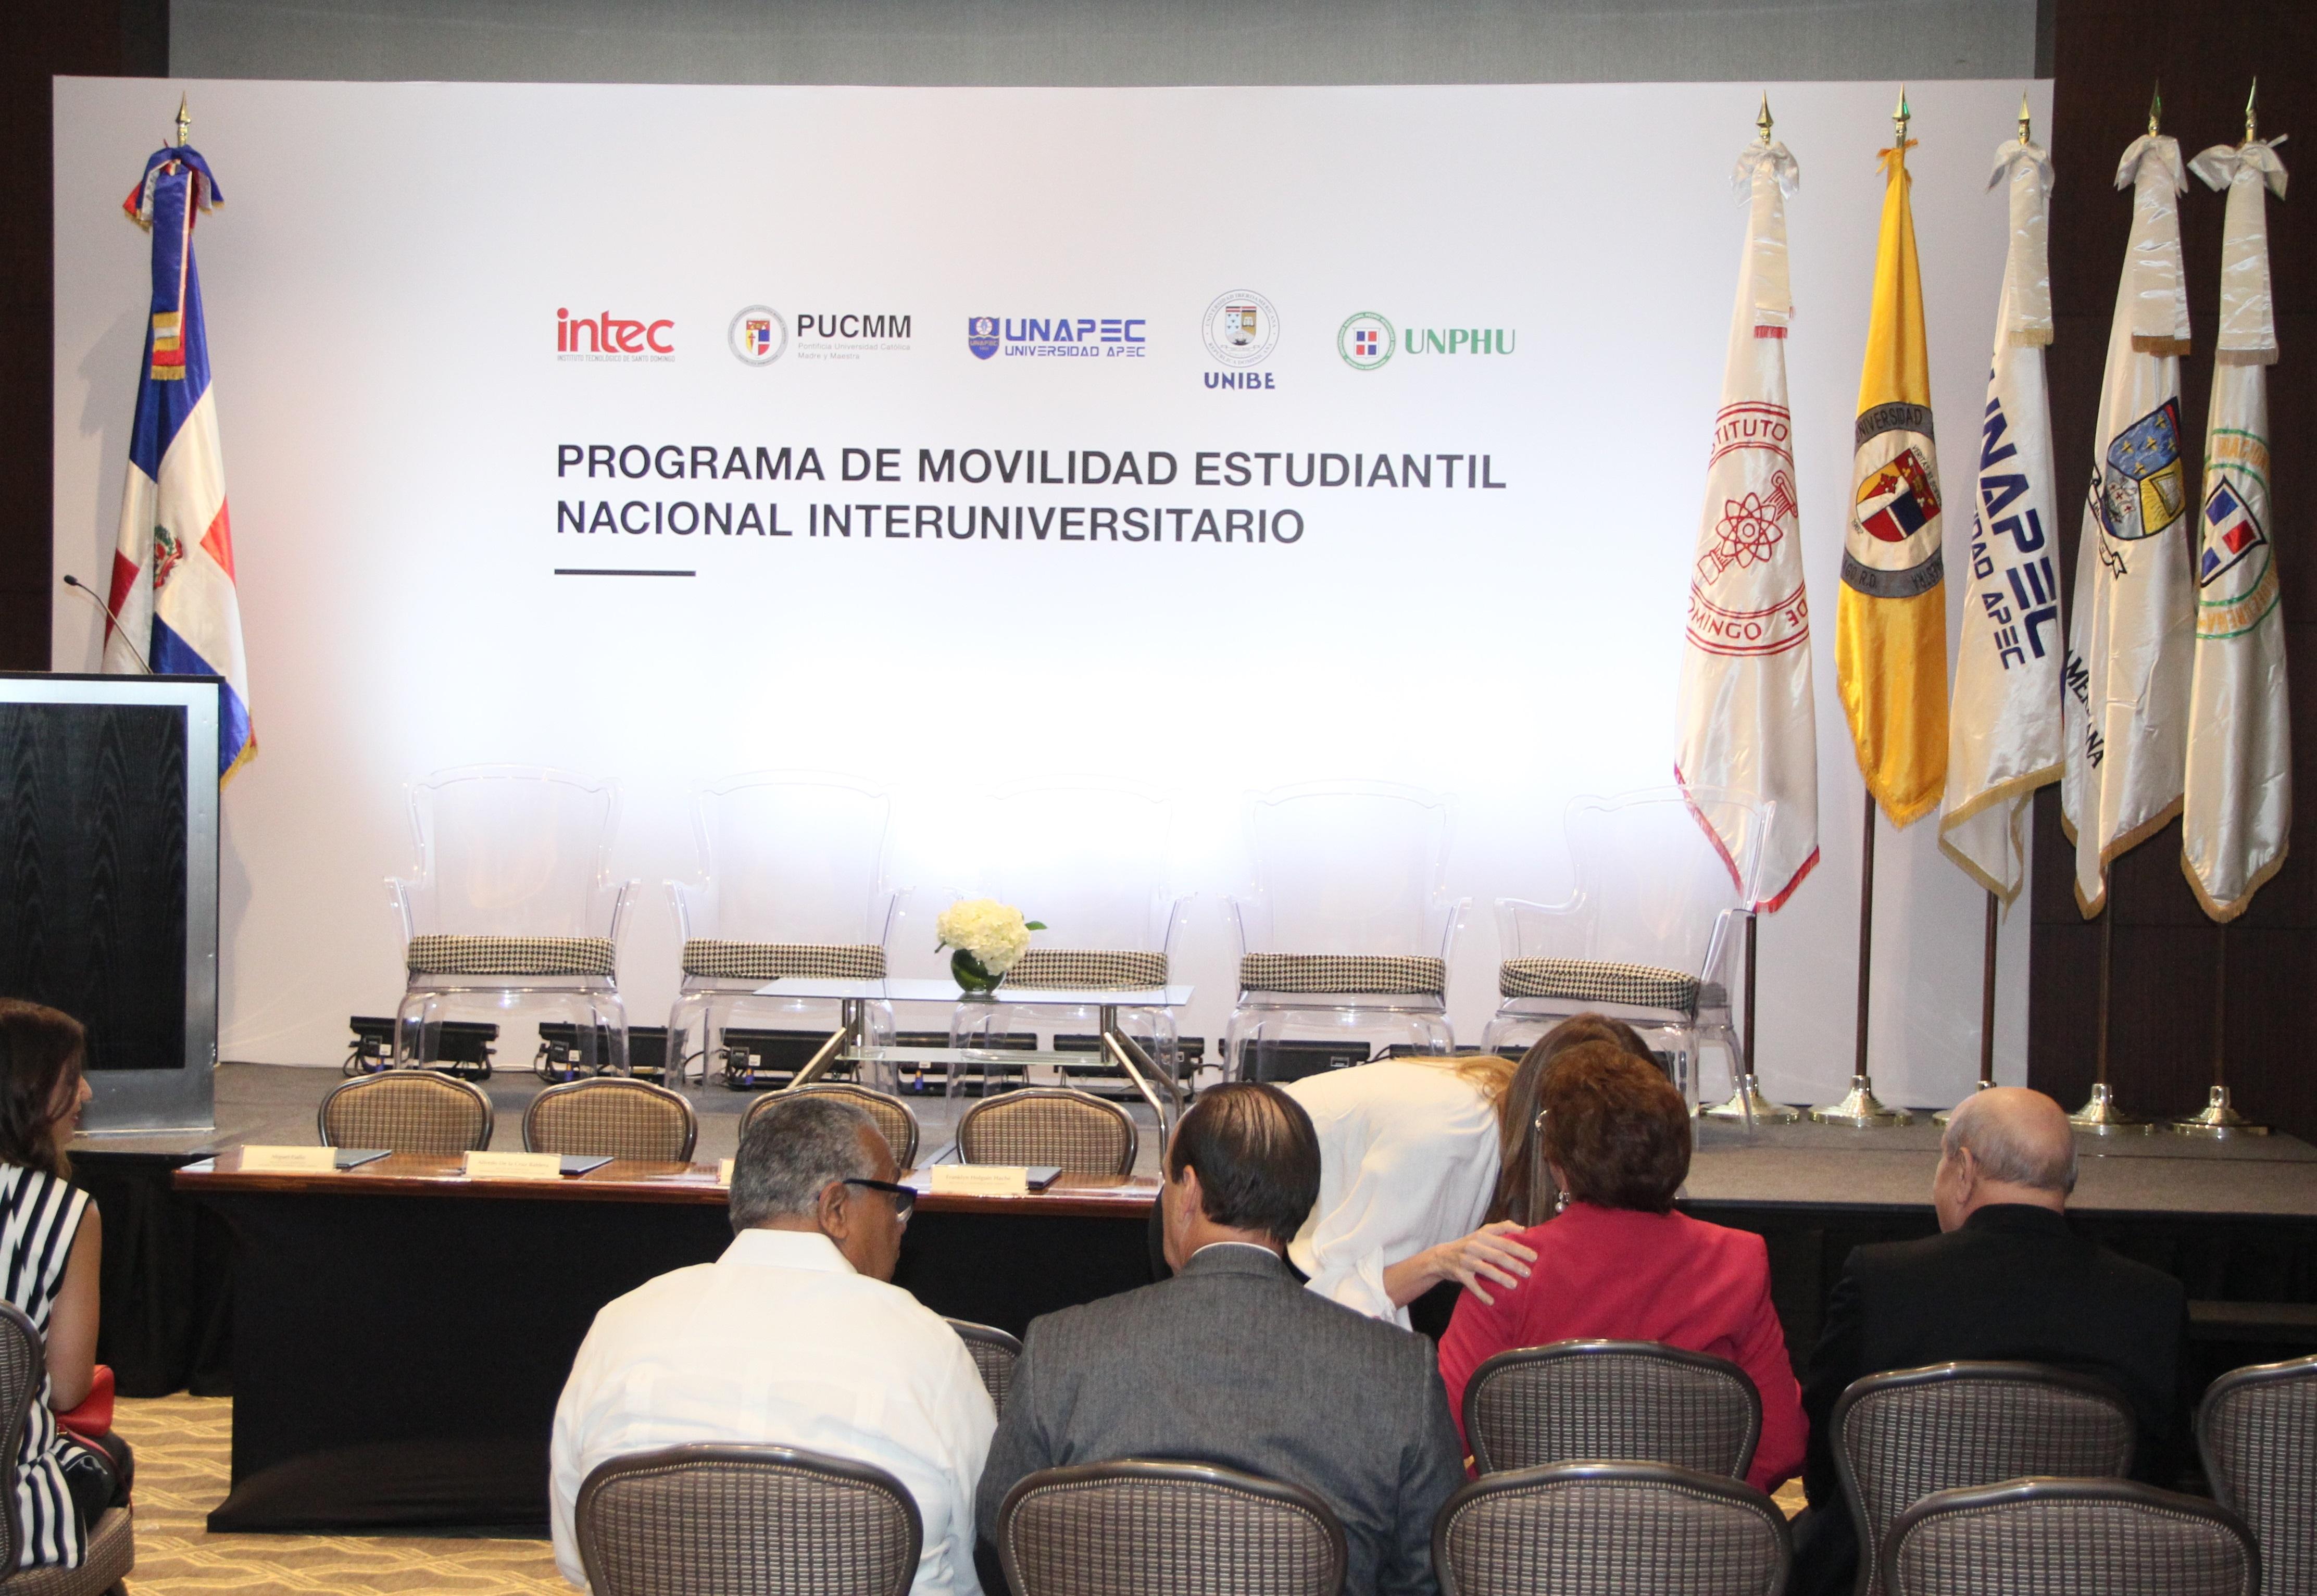 Universidades inician Programa de Movilidad Estudiantil Nacional Interuniversitario